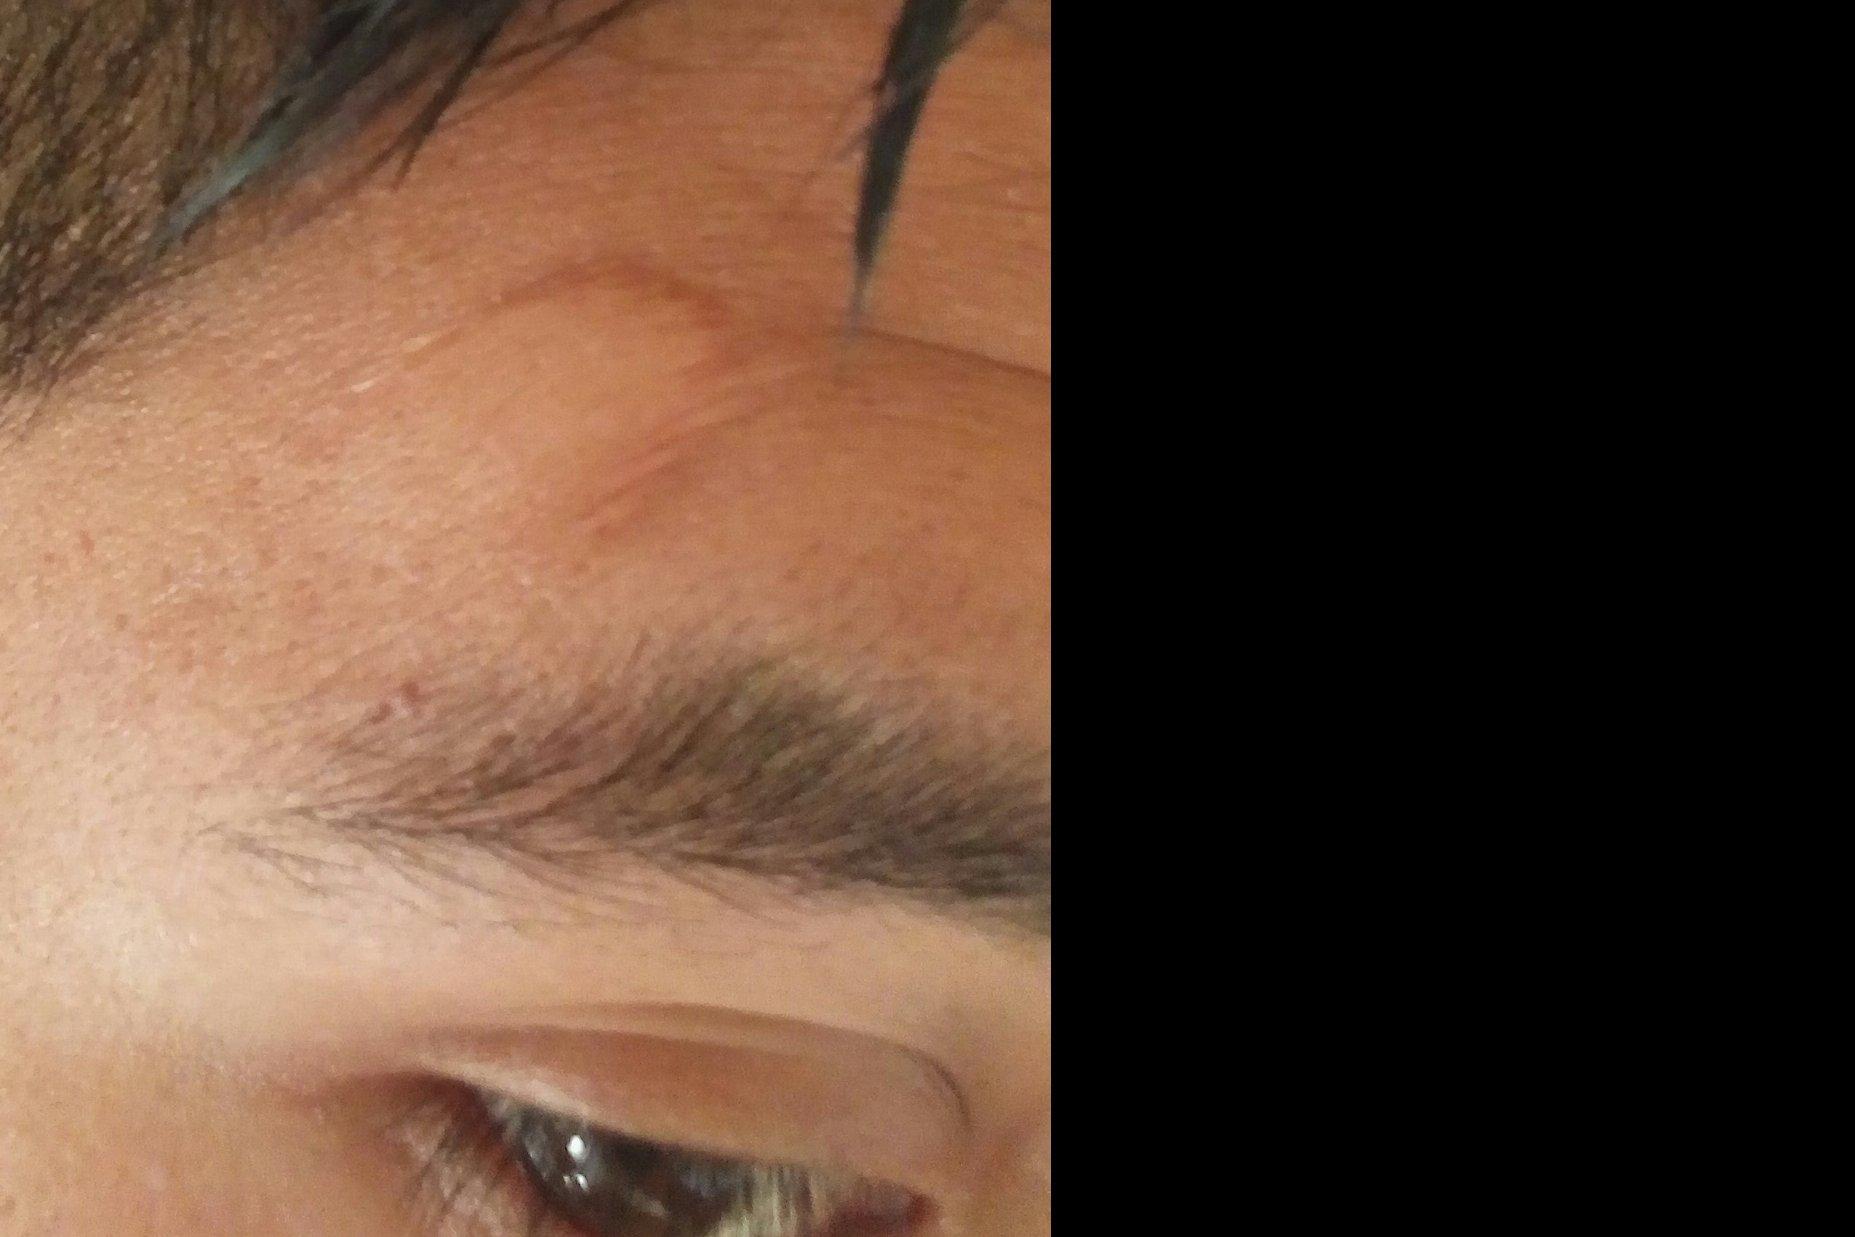 Cirugía en cicatriz de frente - 4594